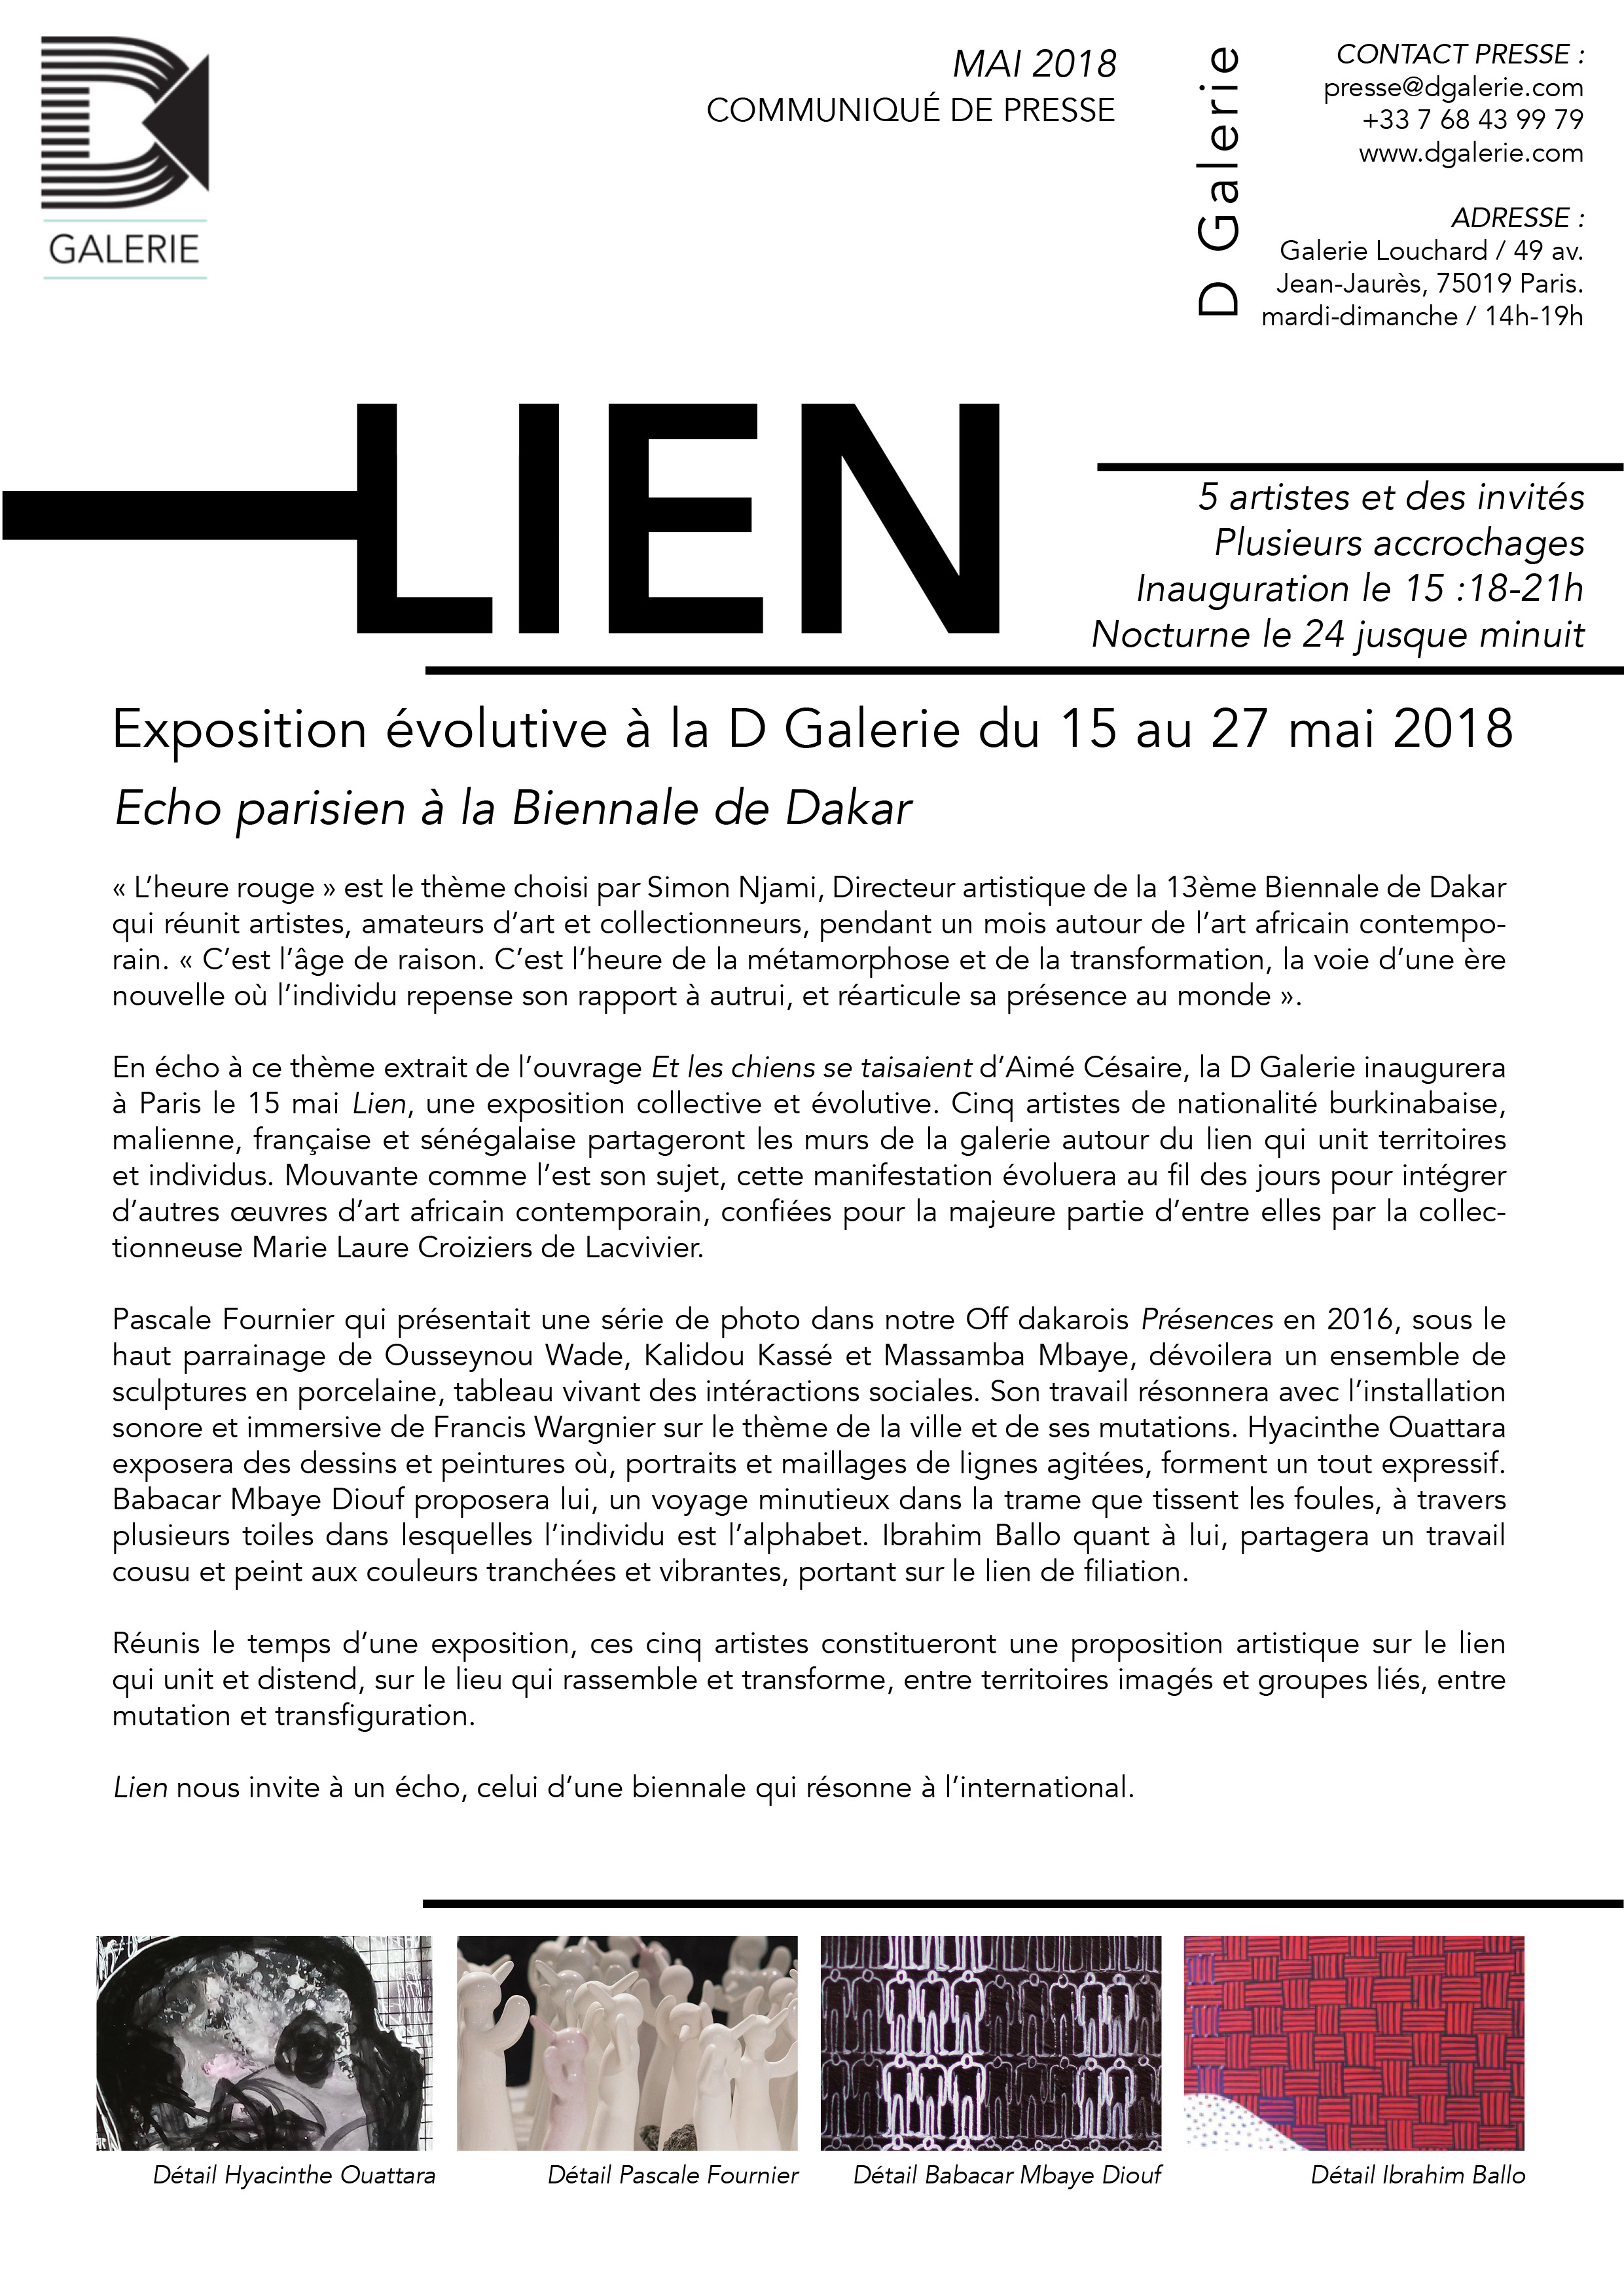 Communiqué - D Galerie - Exposition LIEN